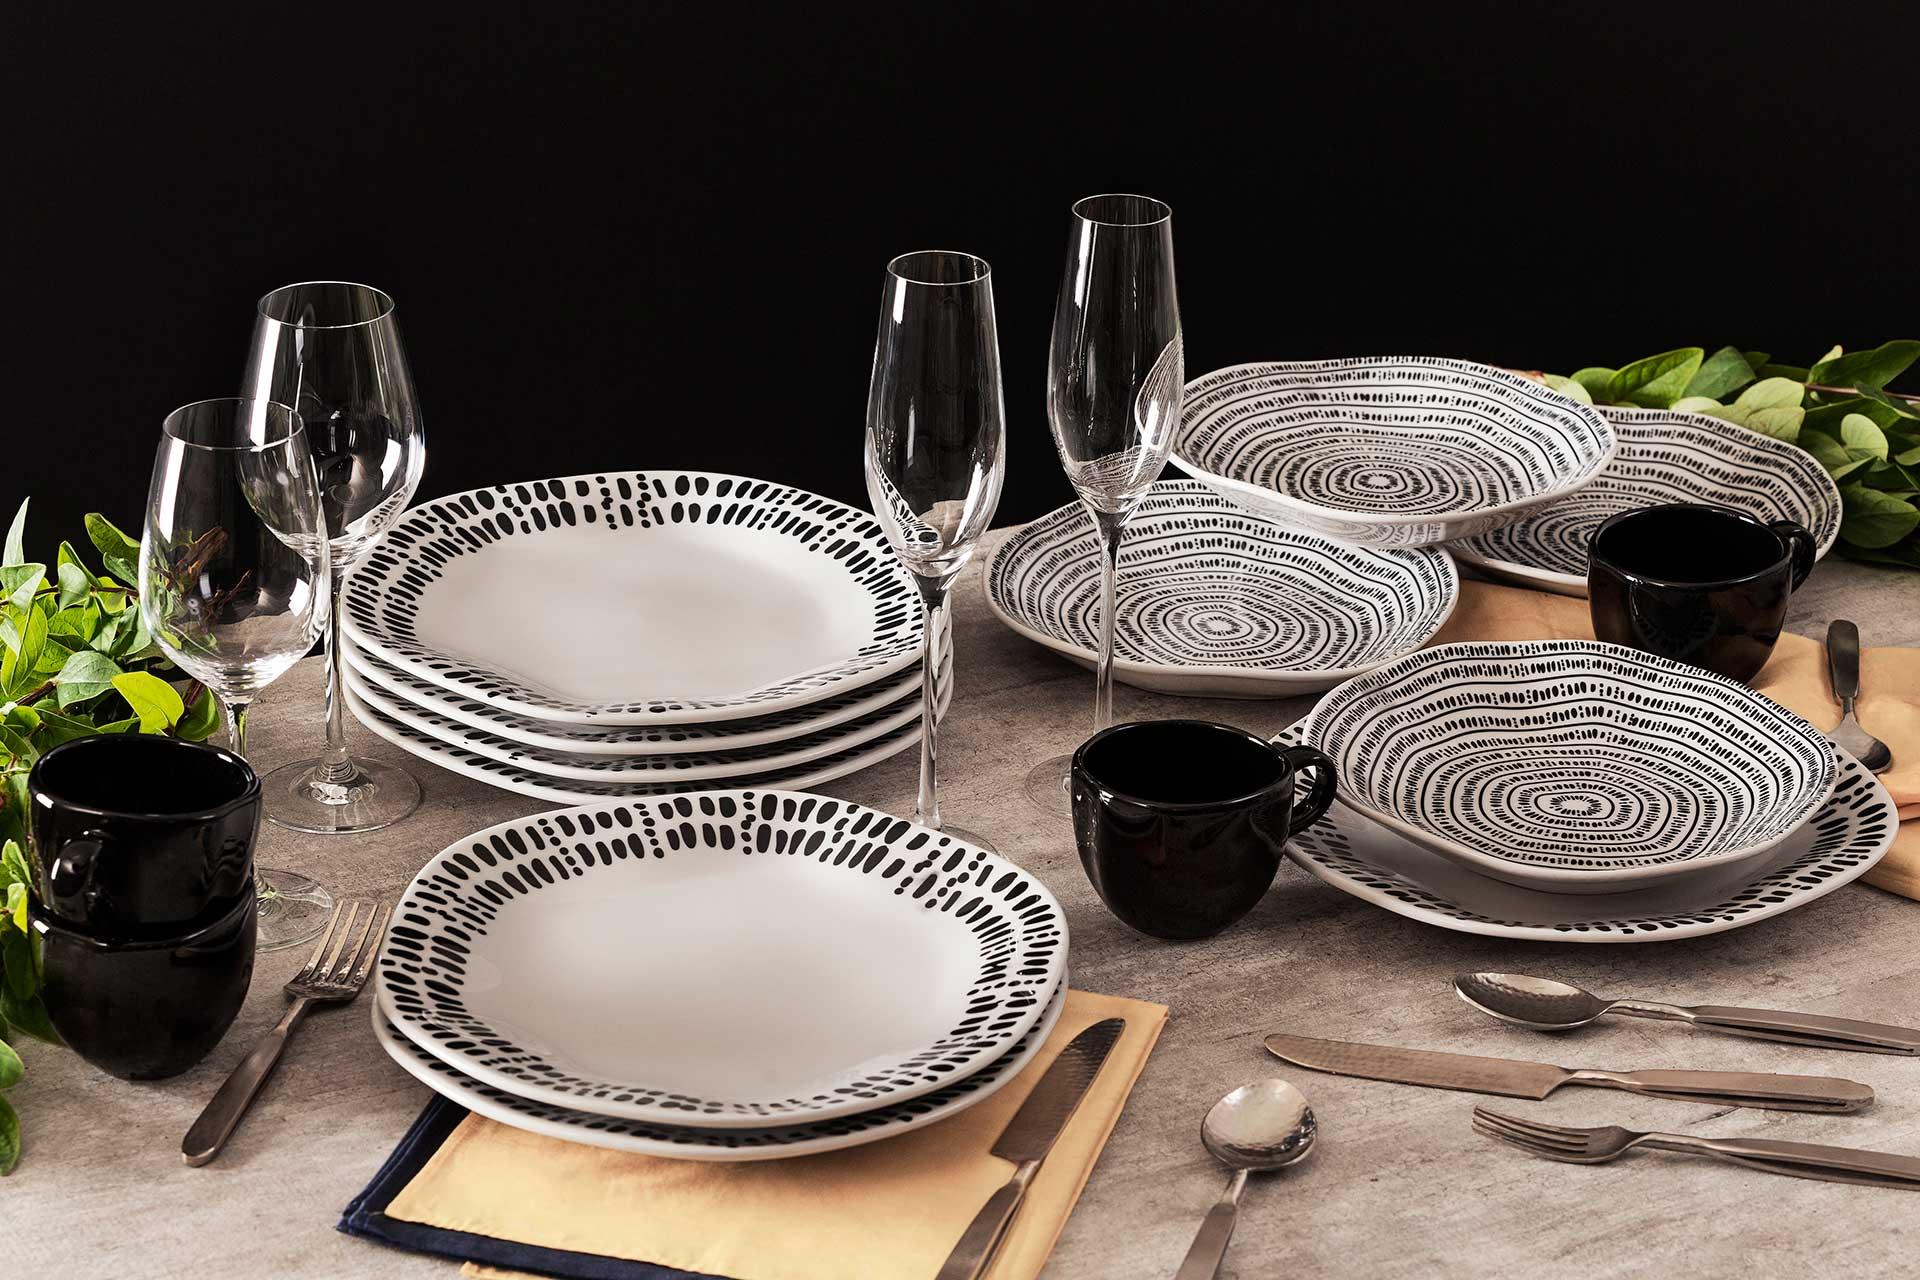 Imagem: O modelo Ryo é um lançamento da linha Oxford Porcelanas. As peças possuem formato orgânico, inspiradas na filosofia japonesa que busca a beleza no que é imperfeito e impermanente.